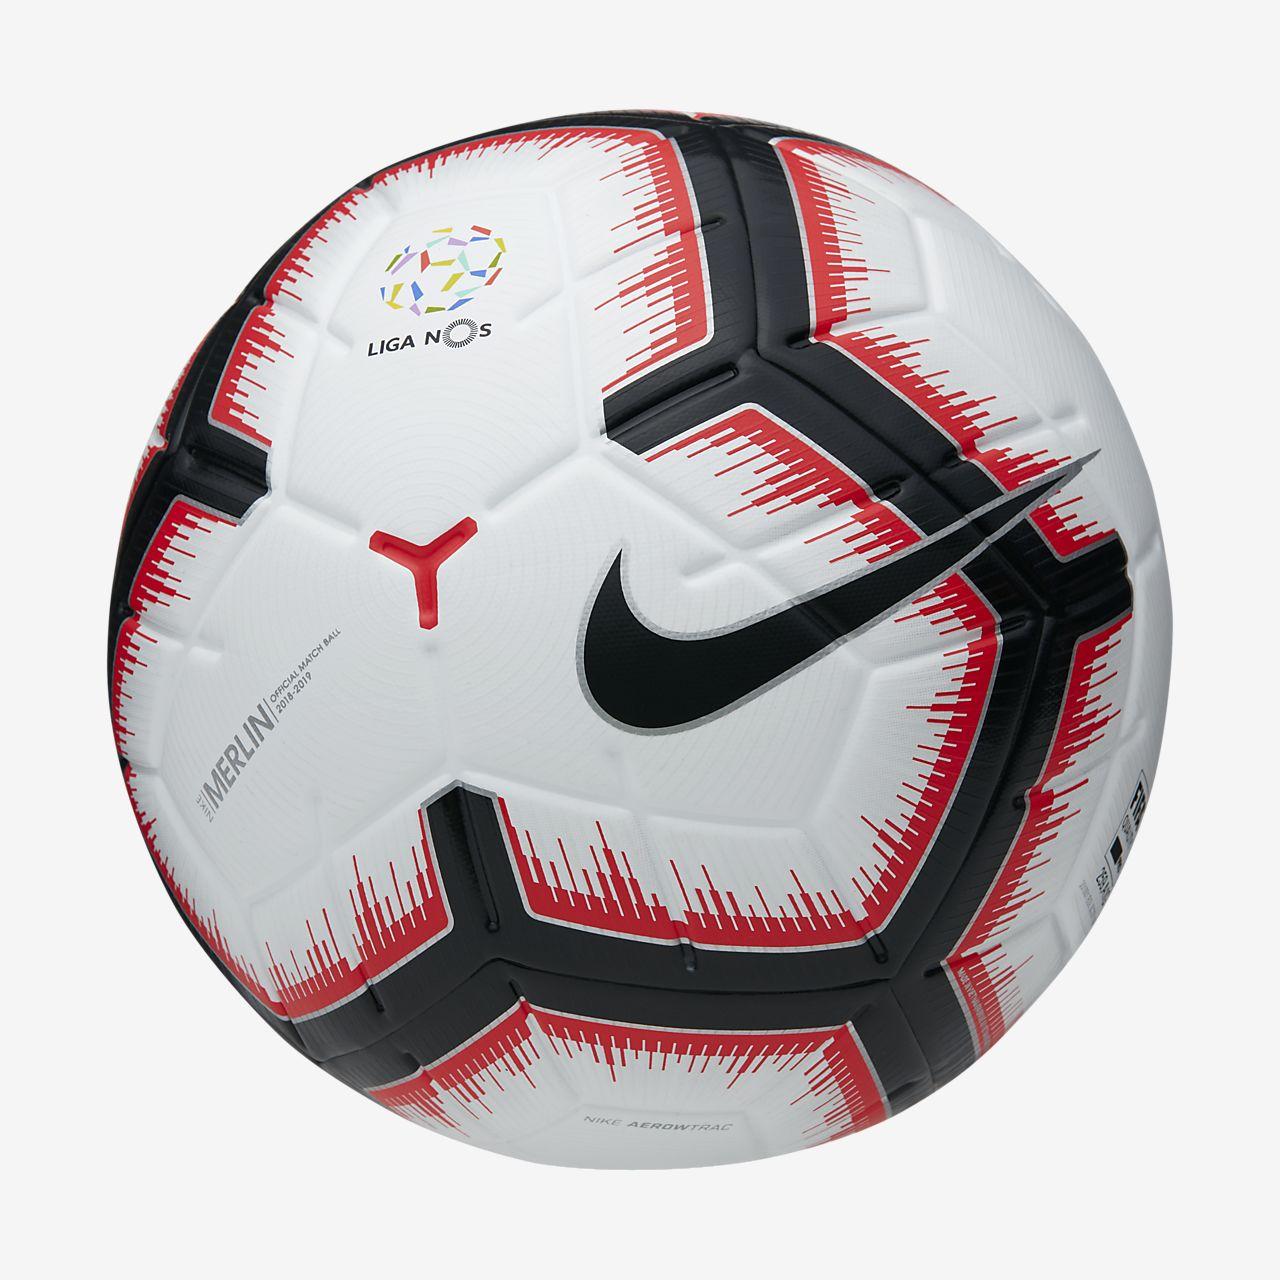 Balón FútbolEs Liga De Merlin Nos SMGqpVUz